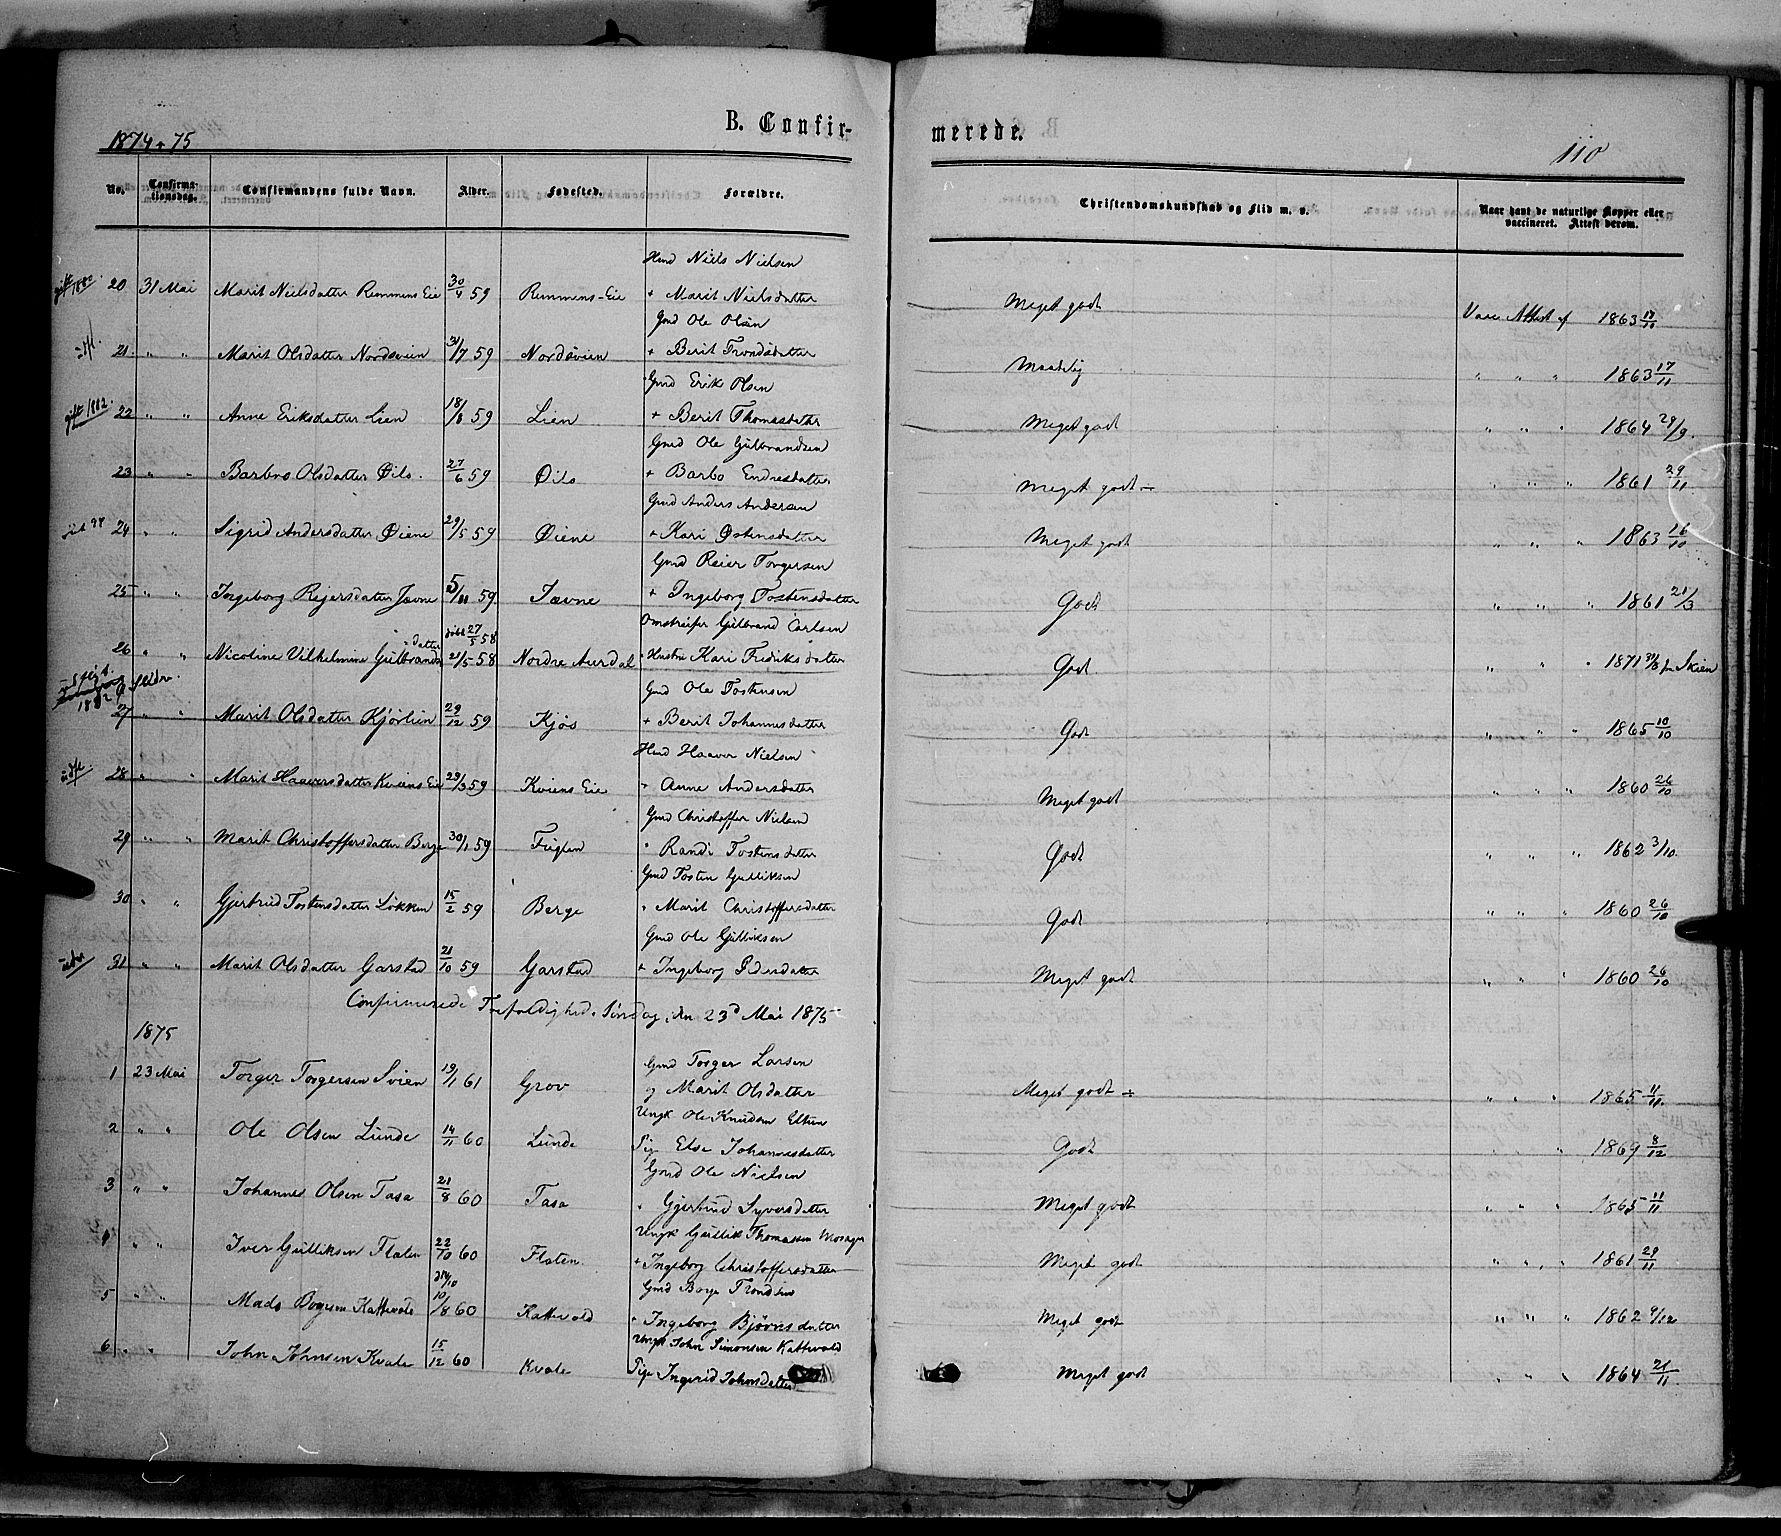 SAH, Vang prestekontor, Valdres, Ministerialbok nr. 7, 1865-1881, s. 110